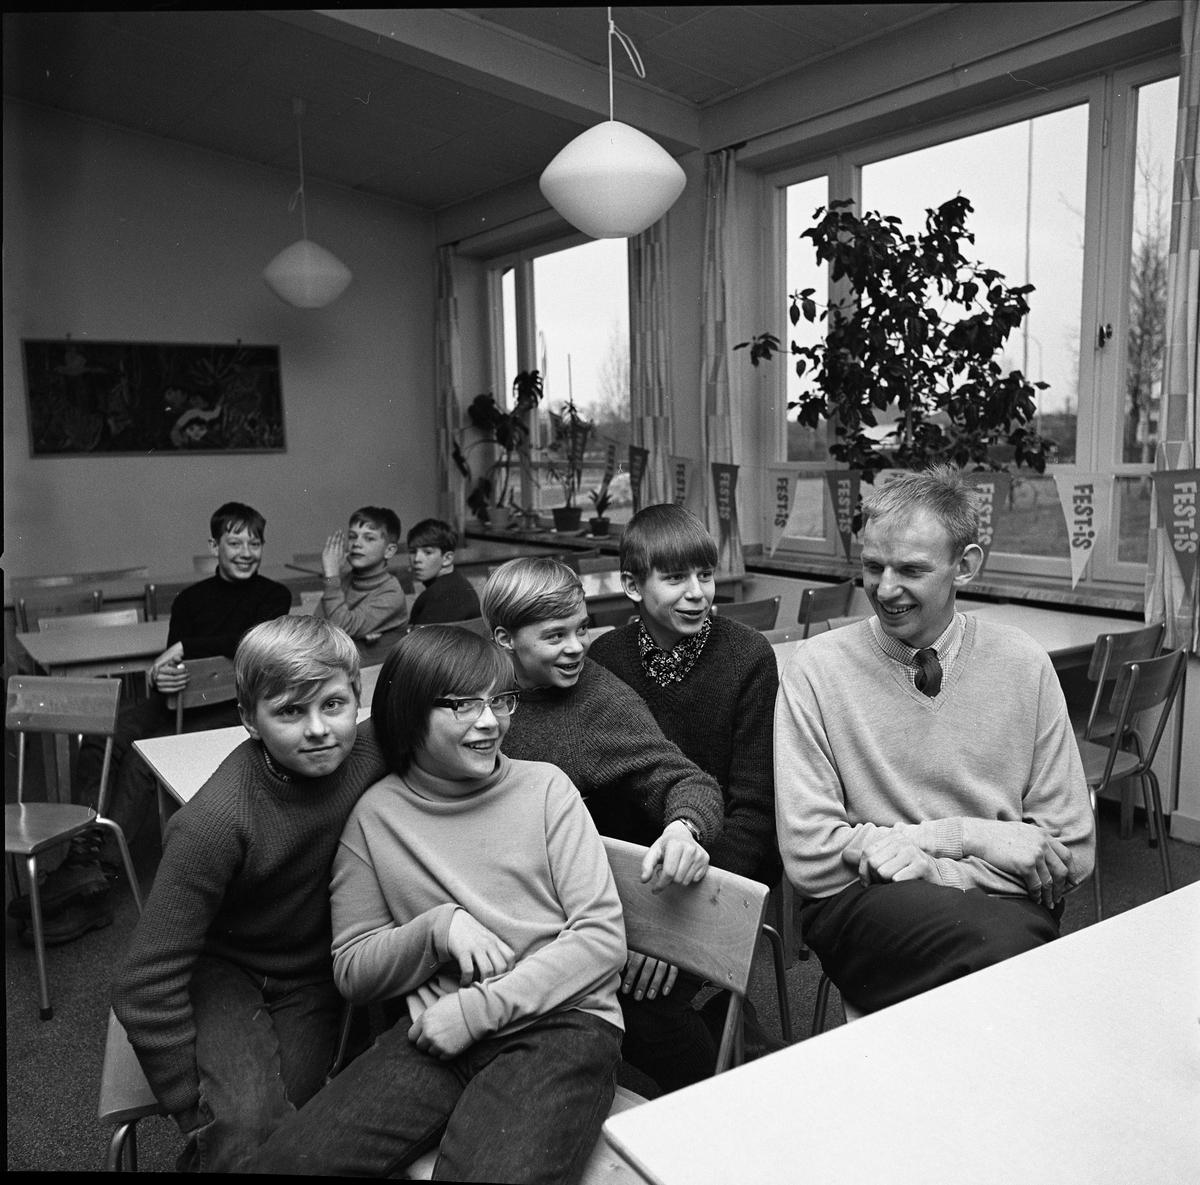 Arboga OrienteringsKlubb har ungdomsträff. En man omgiven av skolbarn. Mannen är gymnastiklärare Hans Ekberg som orienterar på sin fritid. Bilden är tagen i Gäddgårdsskolans matsal.